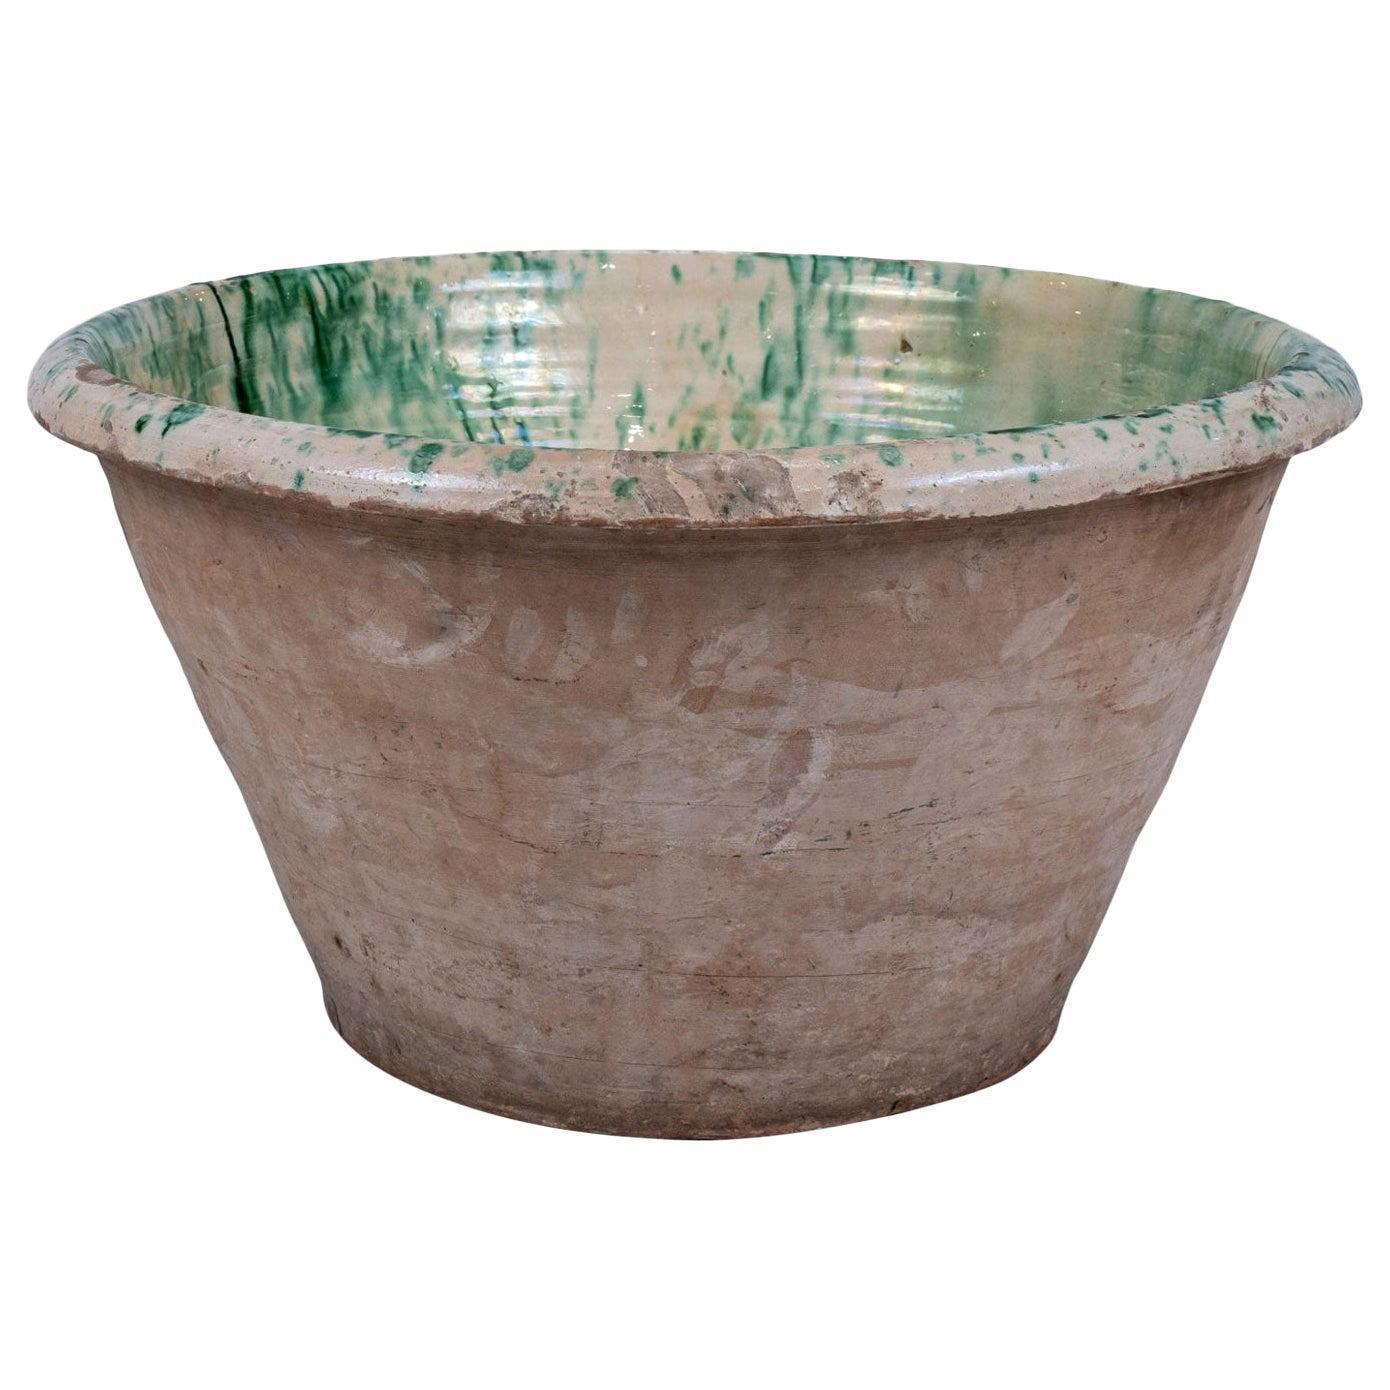 Colorful Glazed Terracotta Passata Bowl